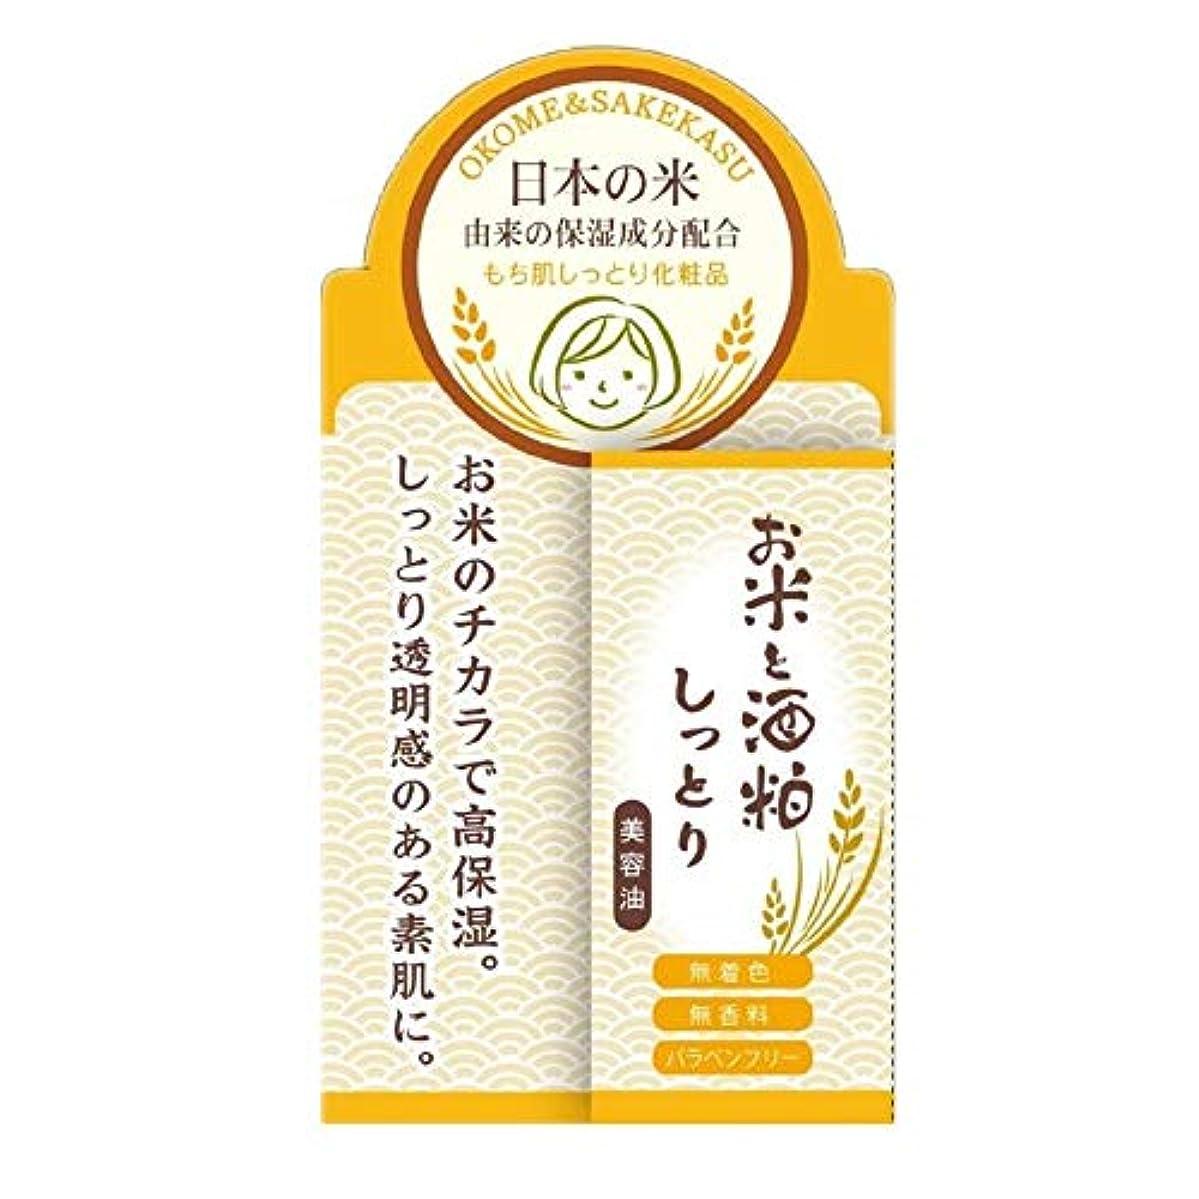 クラフト深める肌寒いお米と酒粕のしっとり美容油 60mL